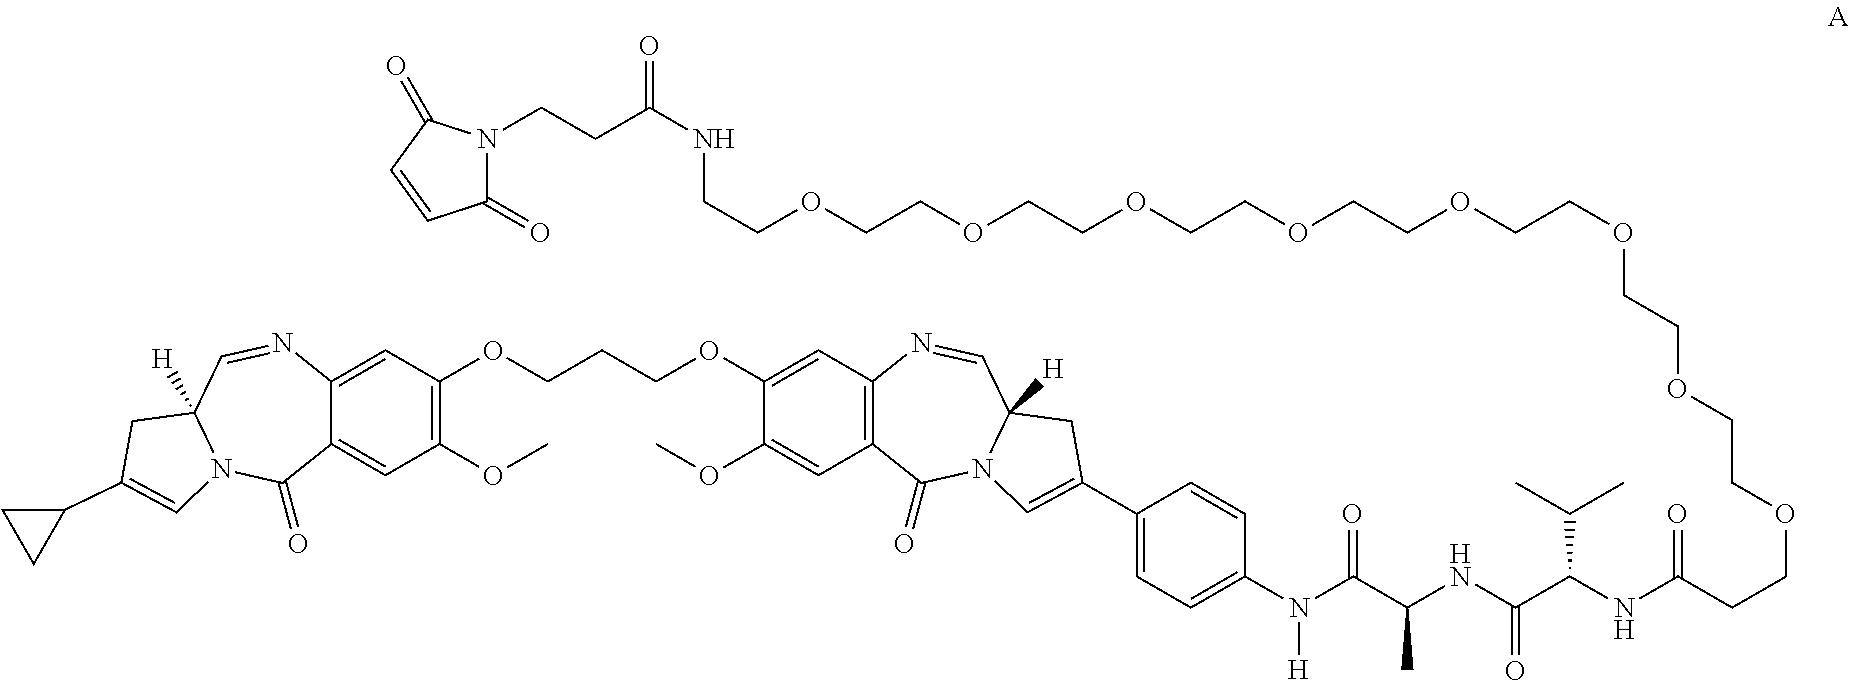 Figure US09919056-20180320-C00026